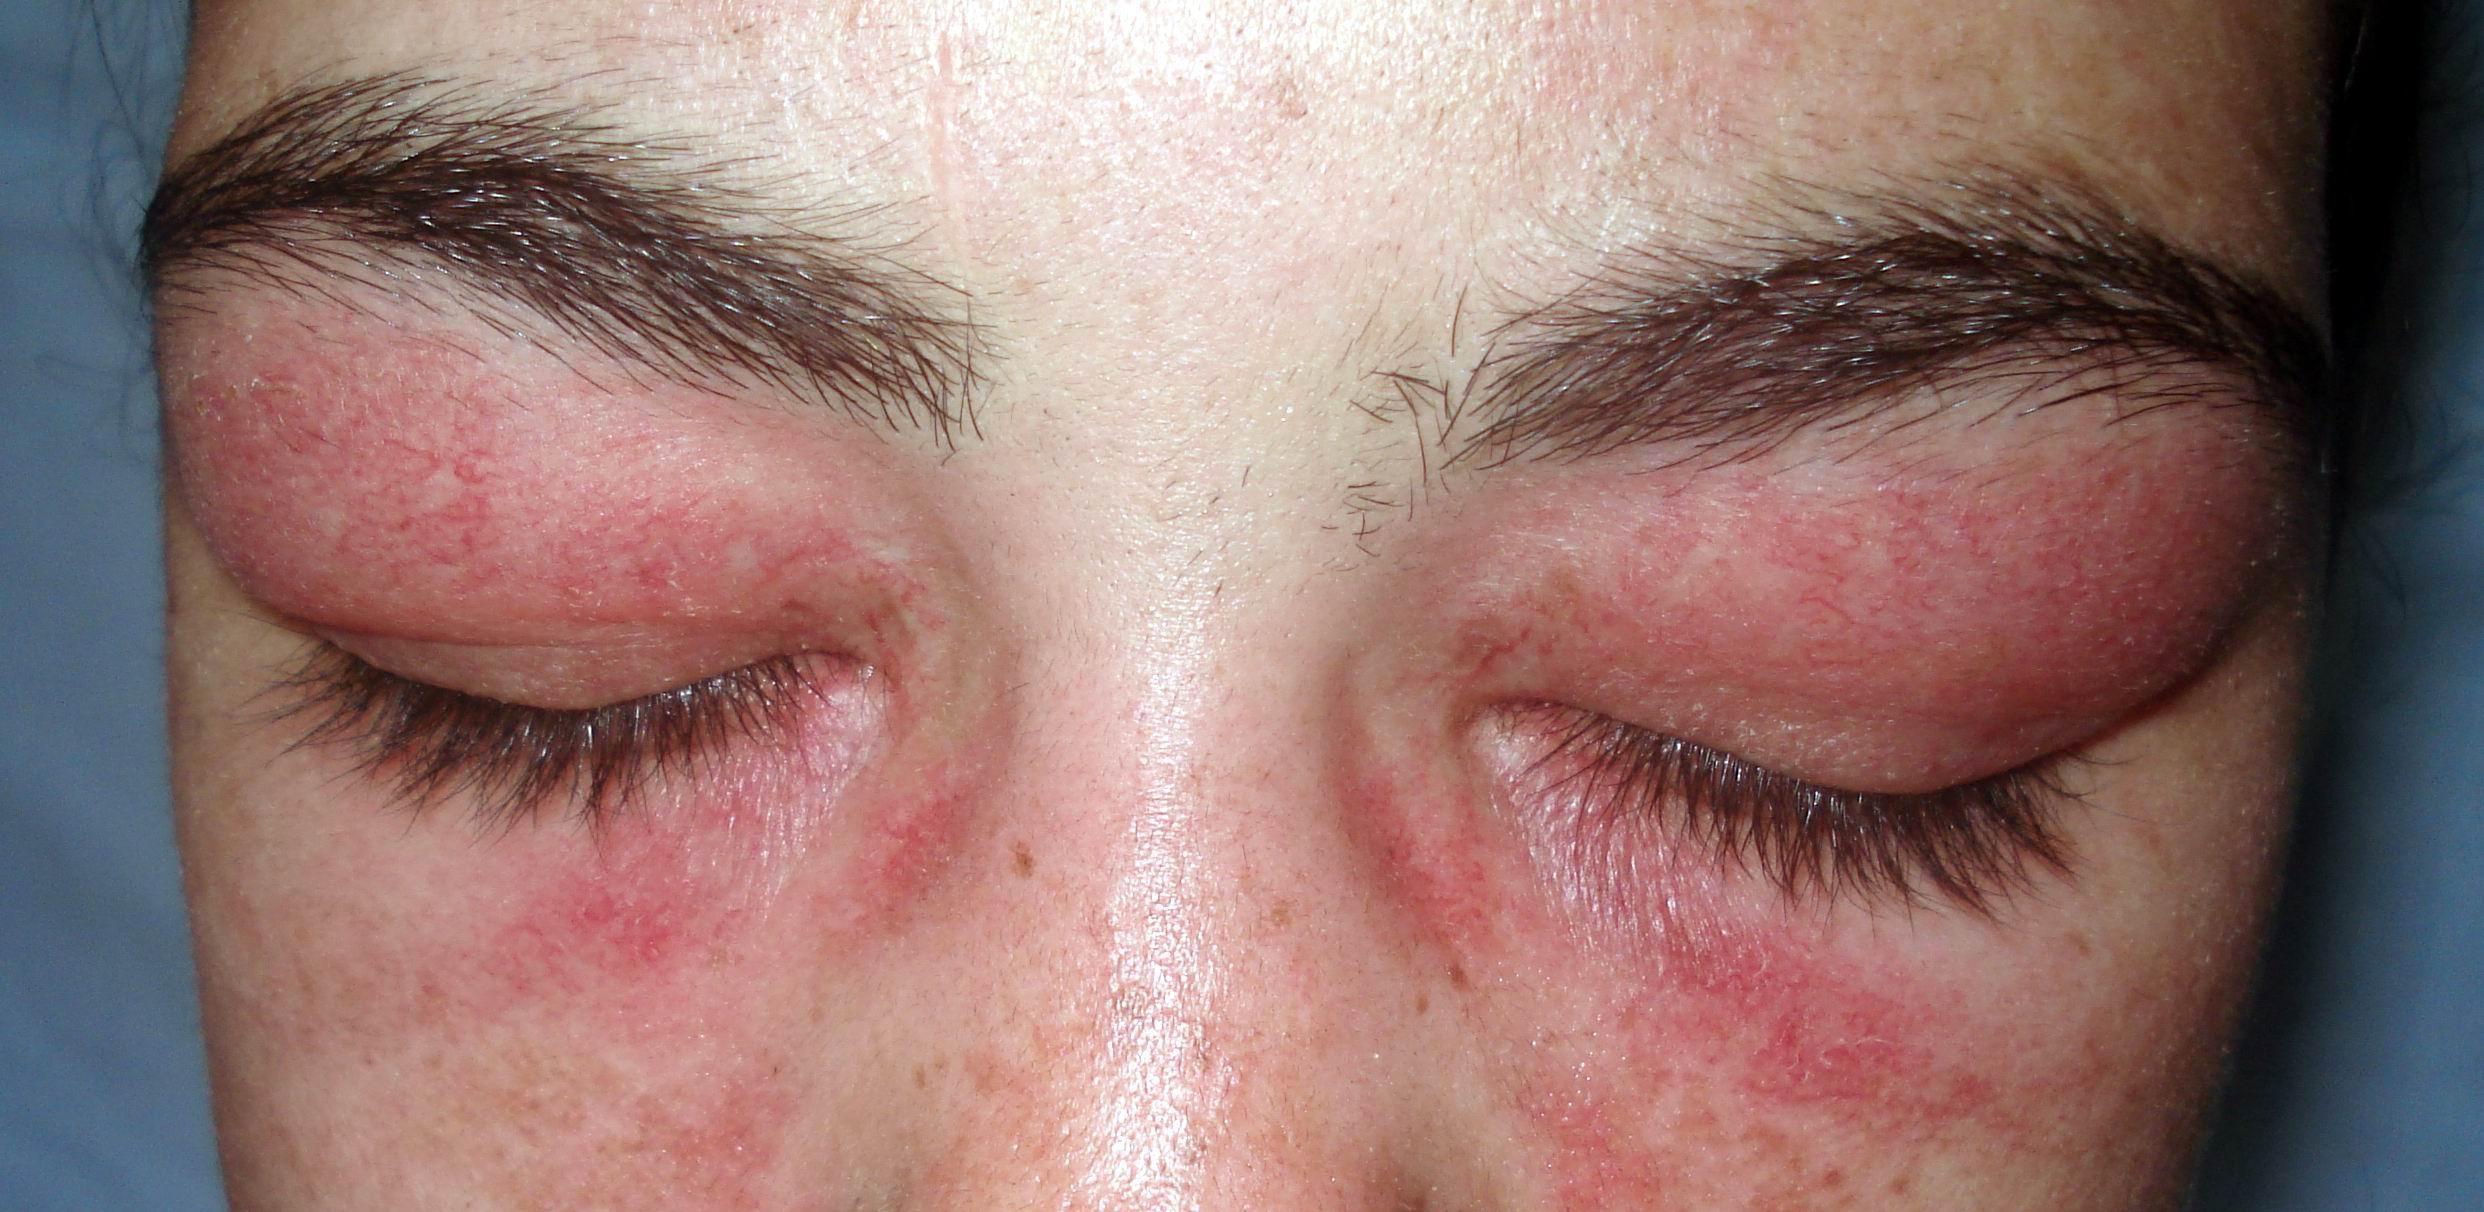 Myopathy | teesneuro.org